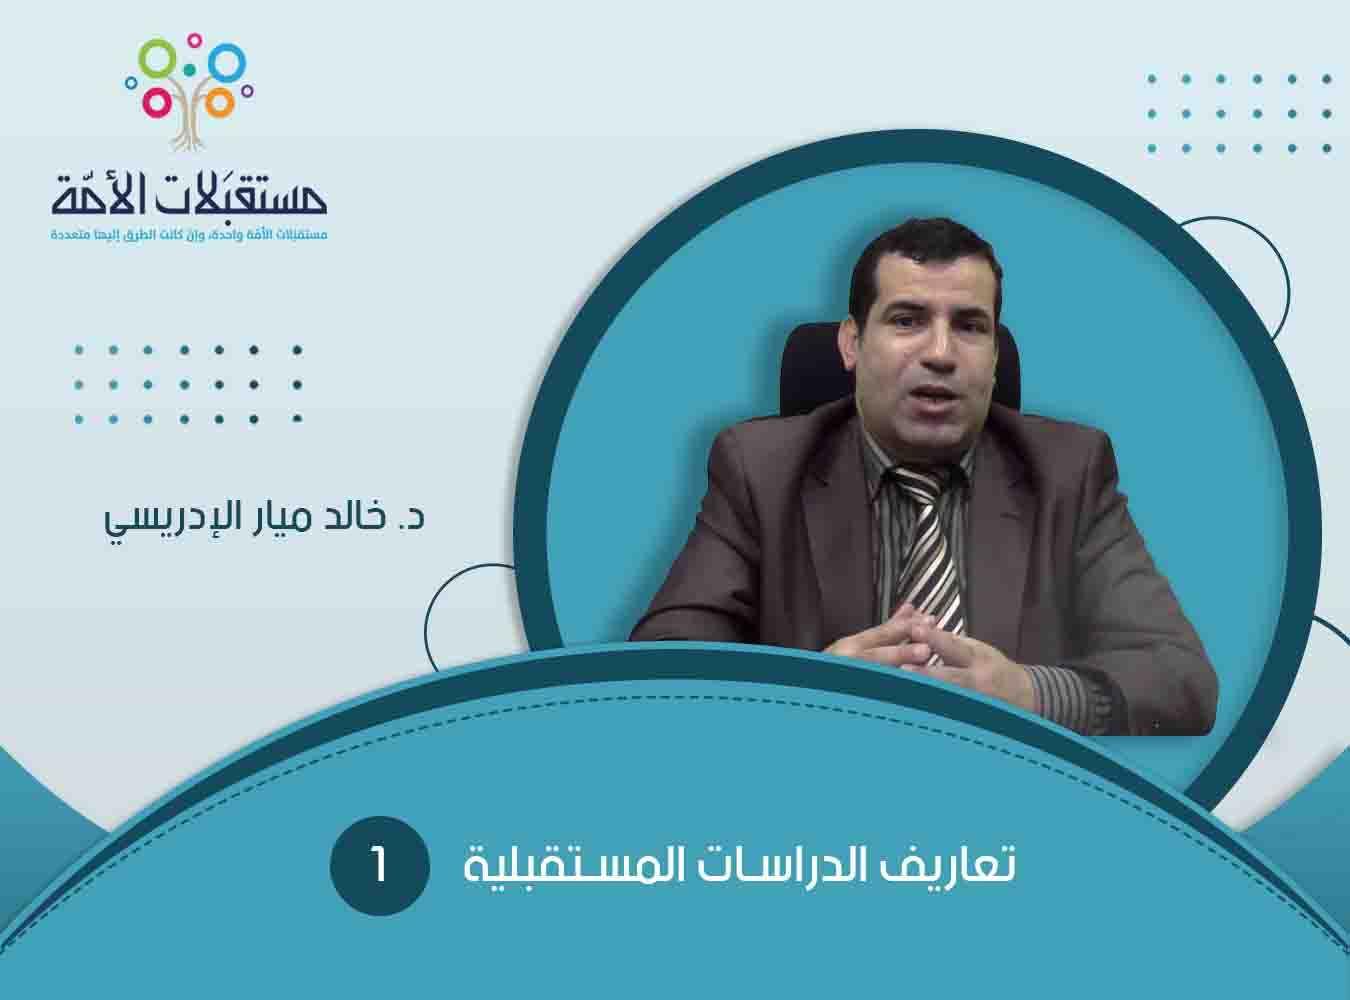 تعاريف الدراسات المستقبلية (1) د. خالد ميار الإدريسي